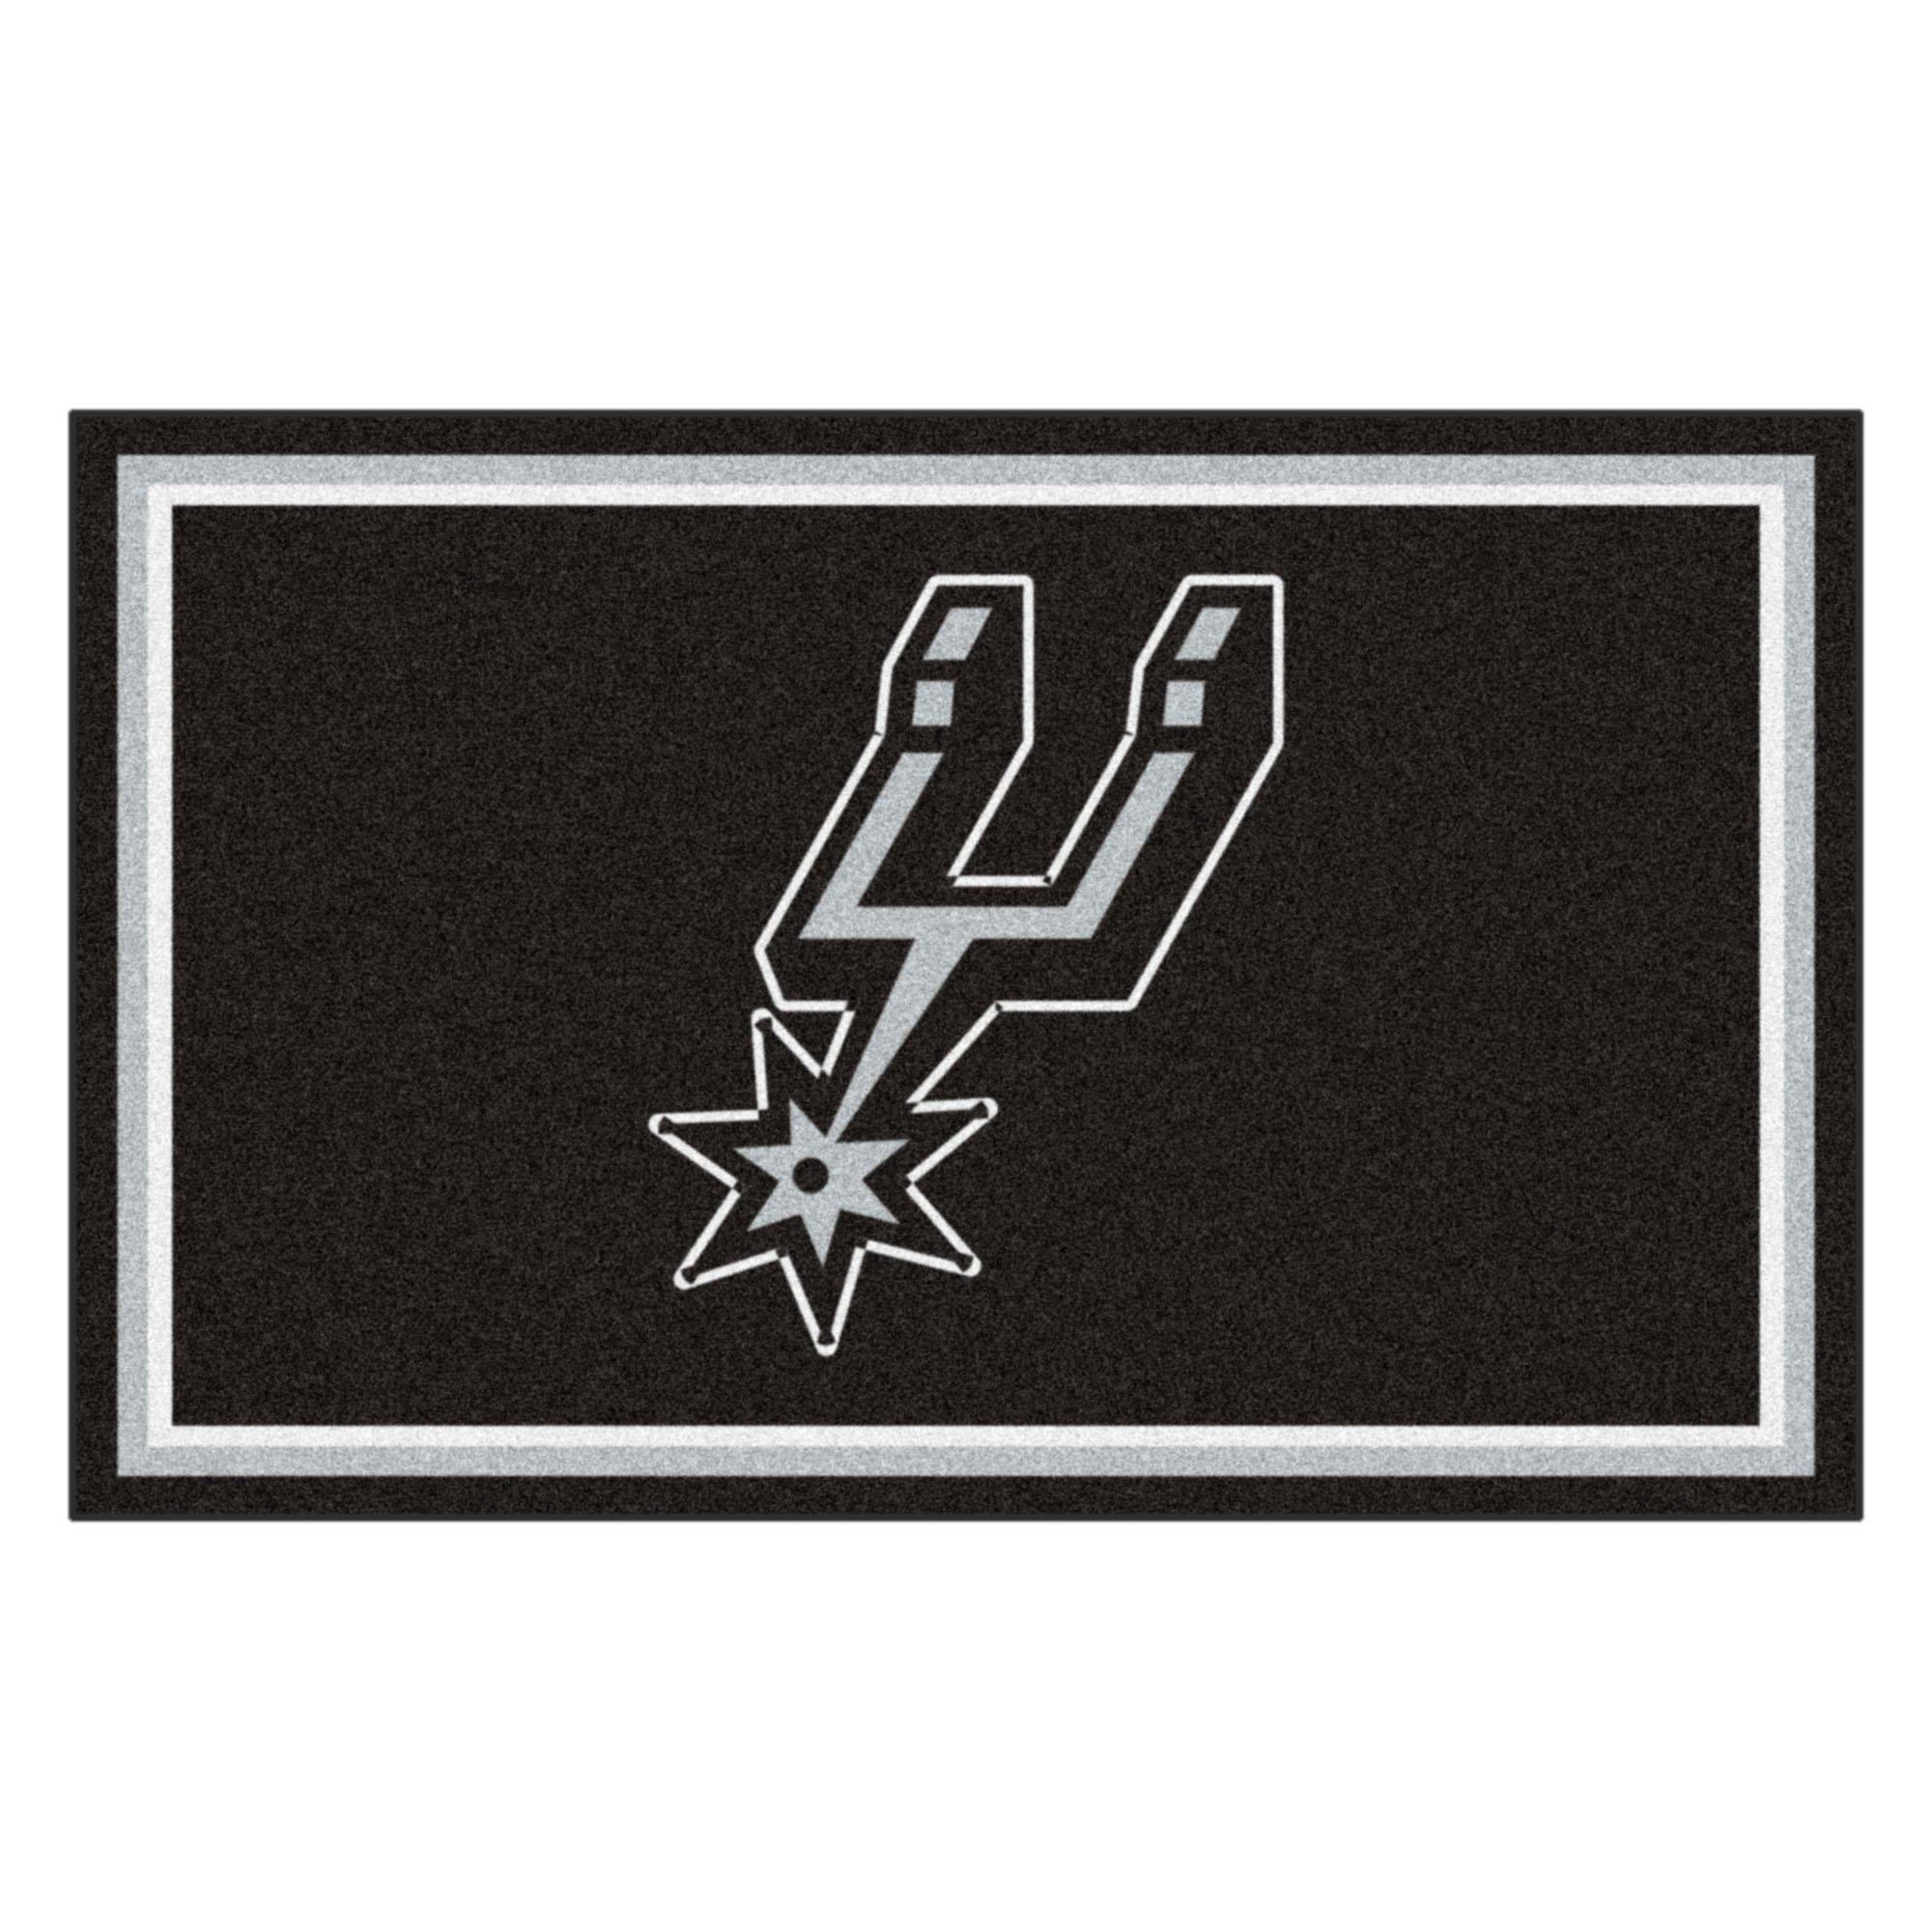 FANMATS 20444 NBA - San Antonio Spurs 4'X6' Rug, Team Color, 44''x71'' by Fanmats